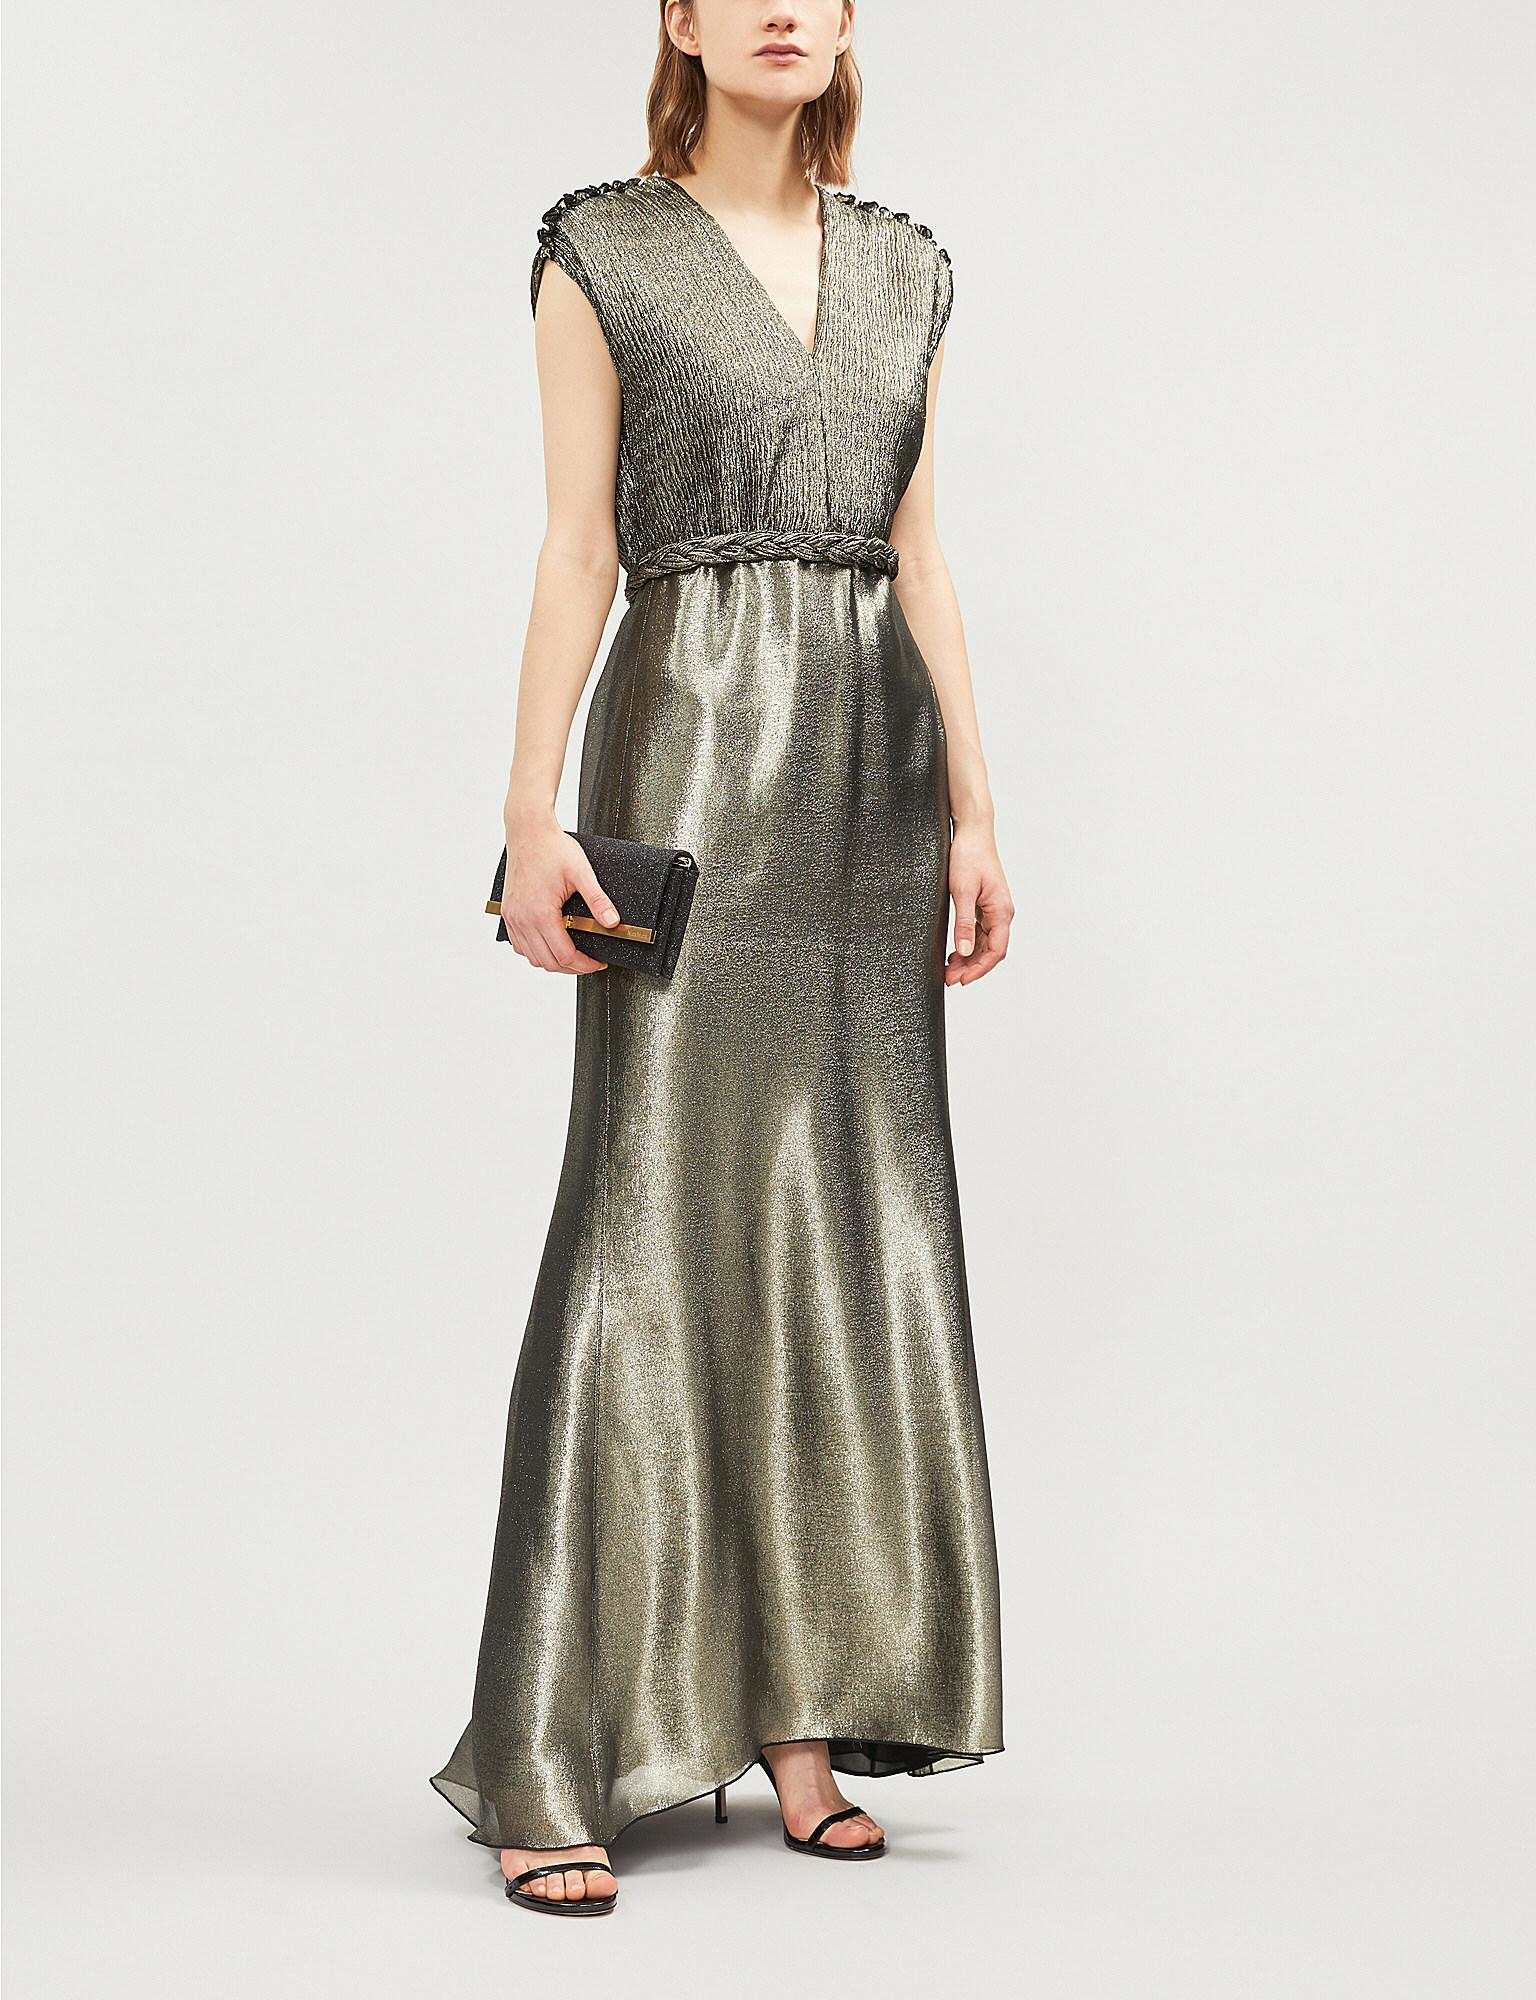 Lyst - Max Mara Elegante Bacio Plissé-detail Lamé Gown in Metallic 79ca23333e8